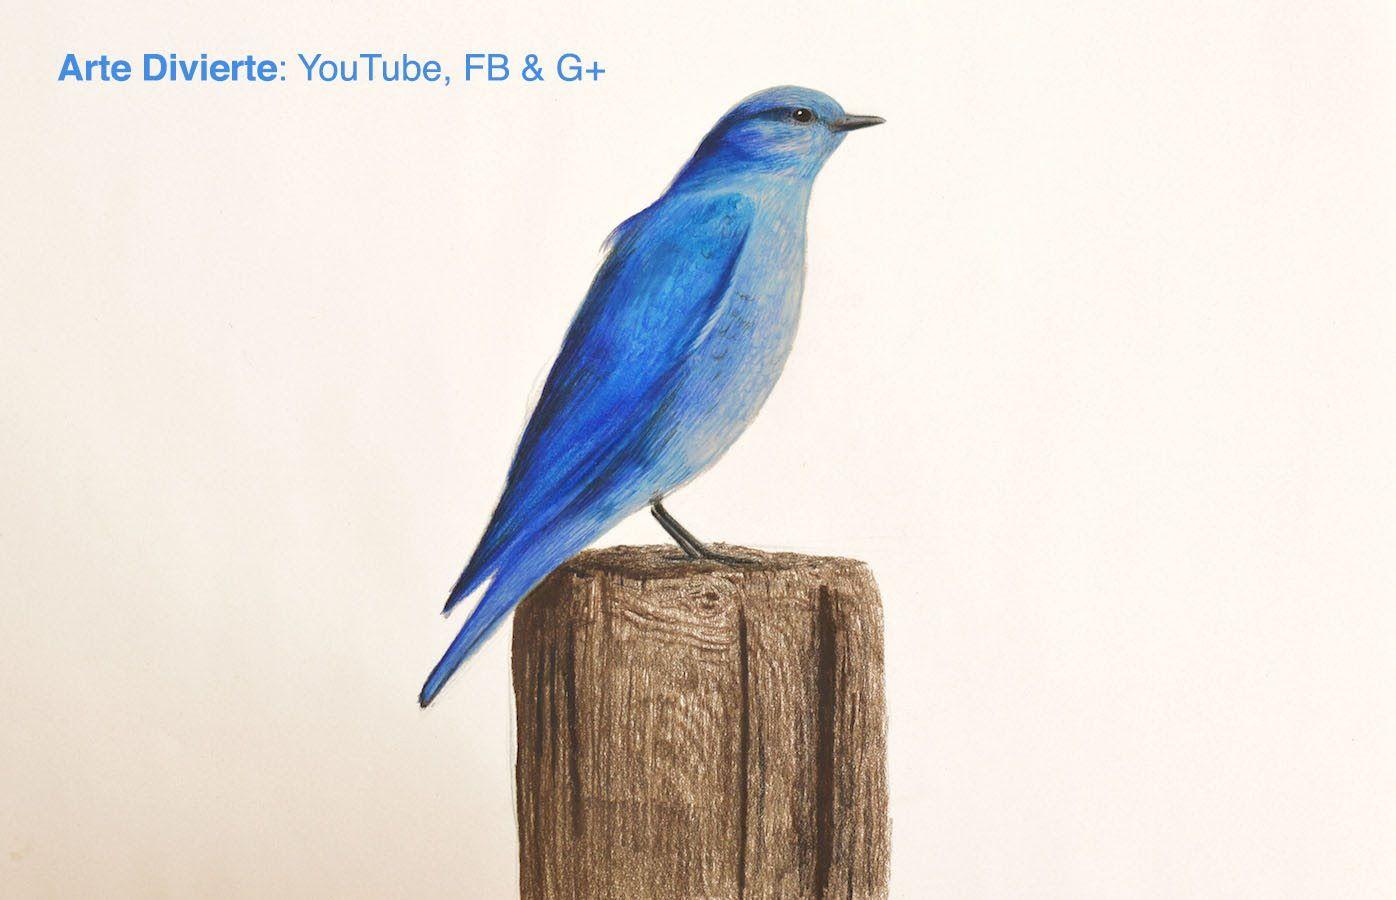 Cmo dibujar un pjaro azul con lpices de colores  El cuento del